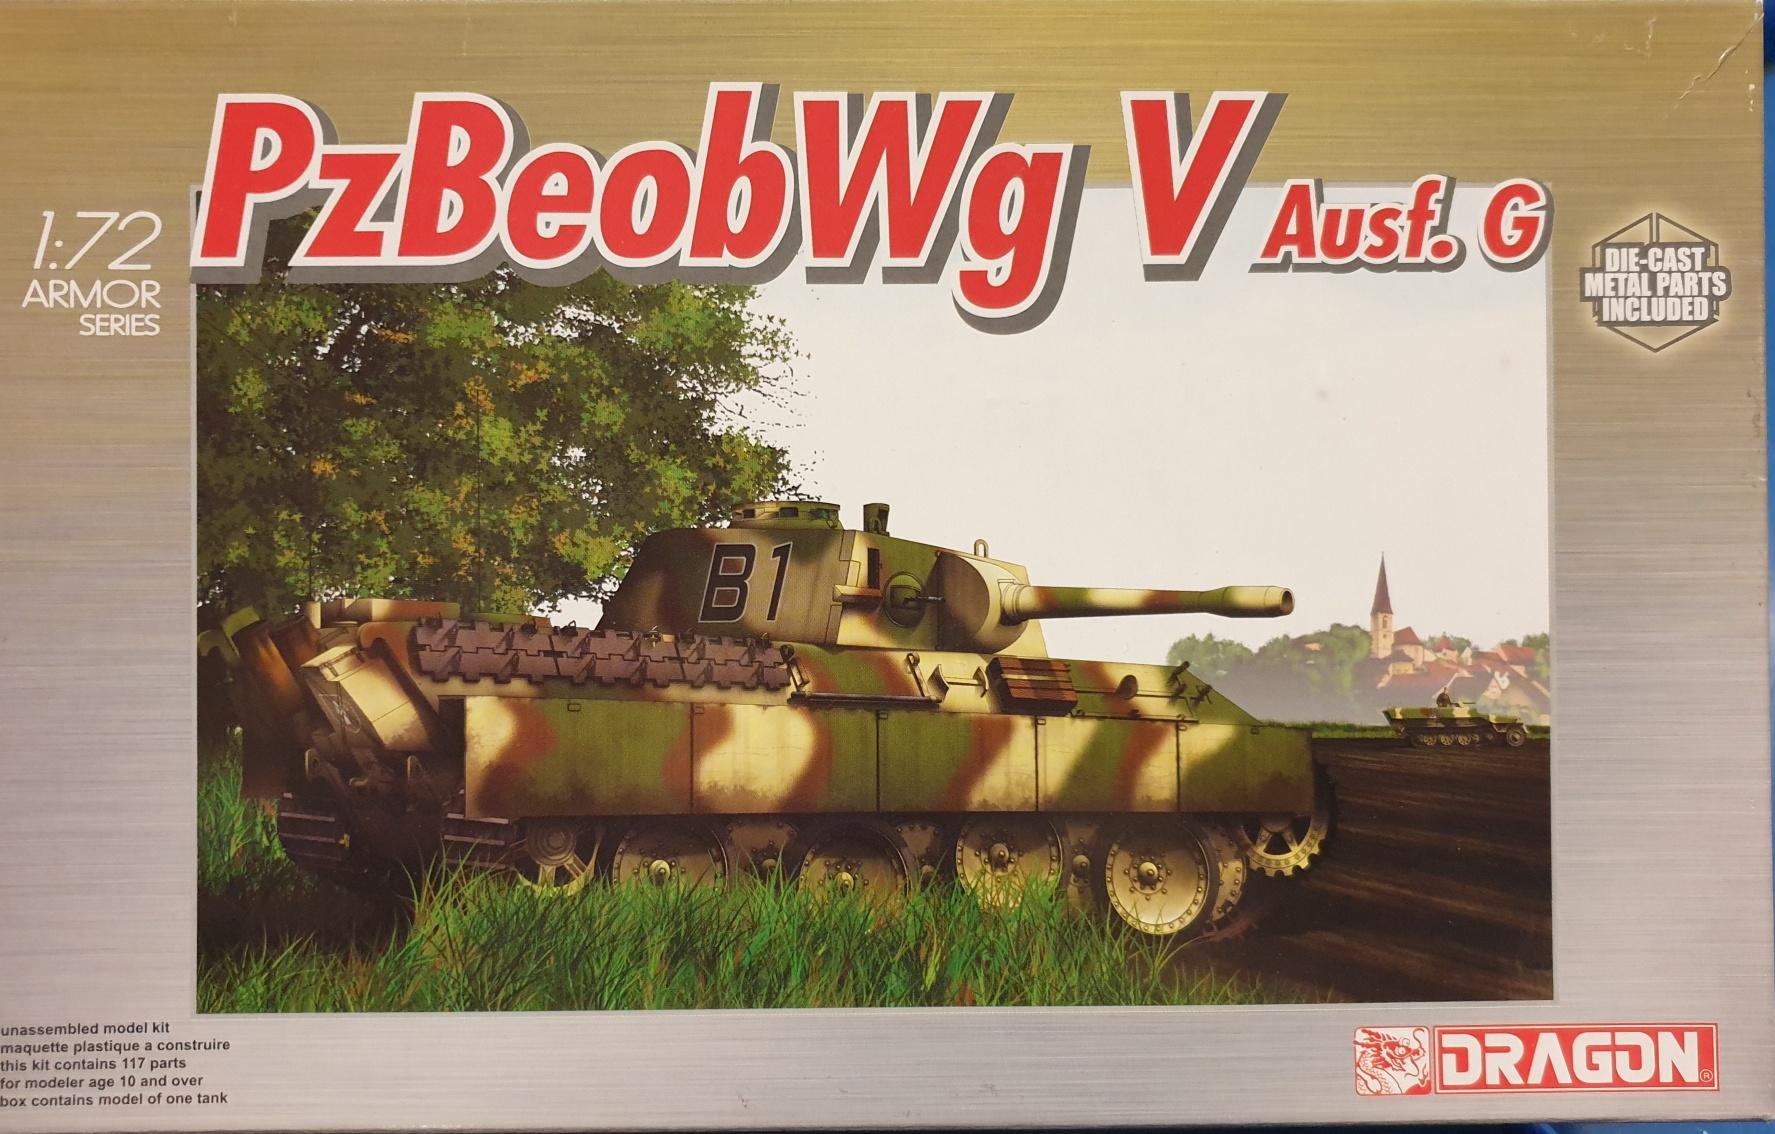 Dragon 7230 PzBeobWg V Ausf. G 1/72